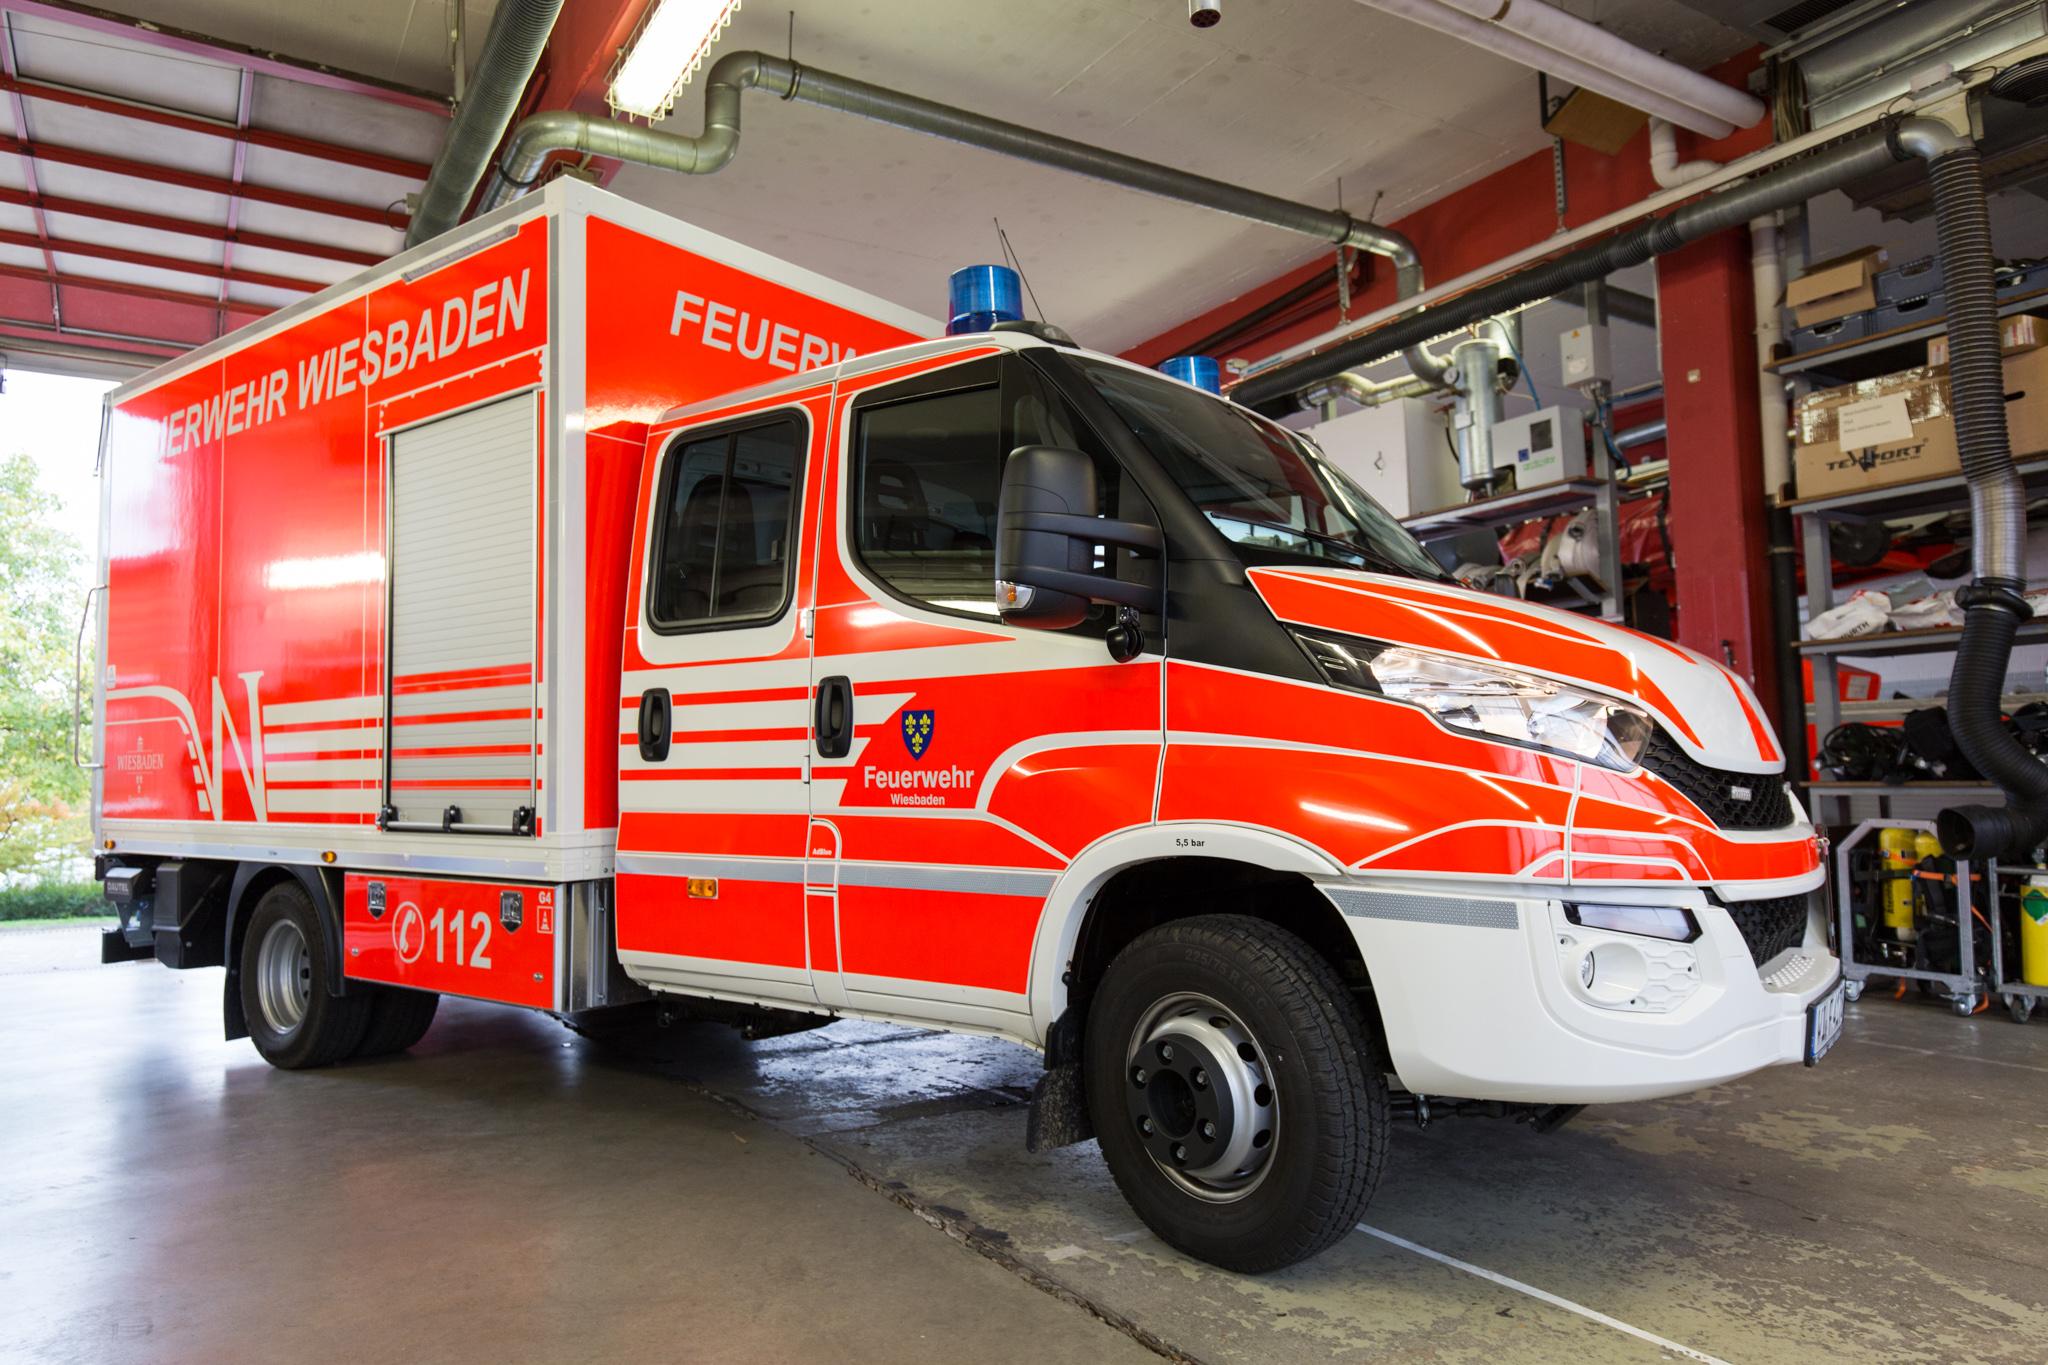 Neuer GW-L für die FF-Bierstadt | Wiesbaden112.de